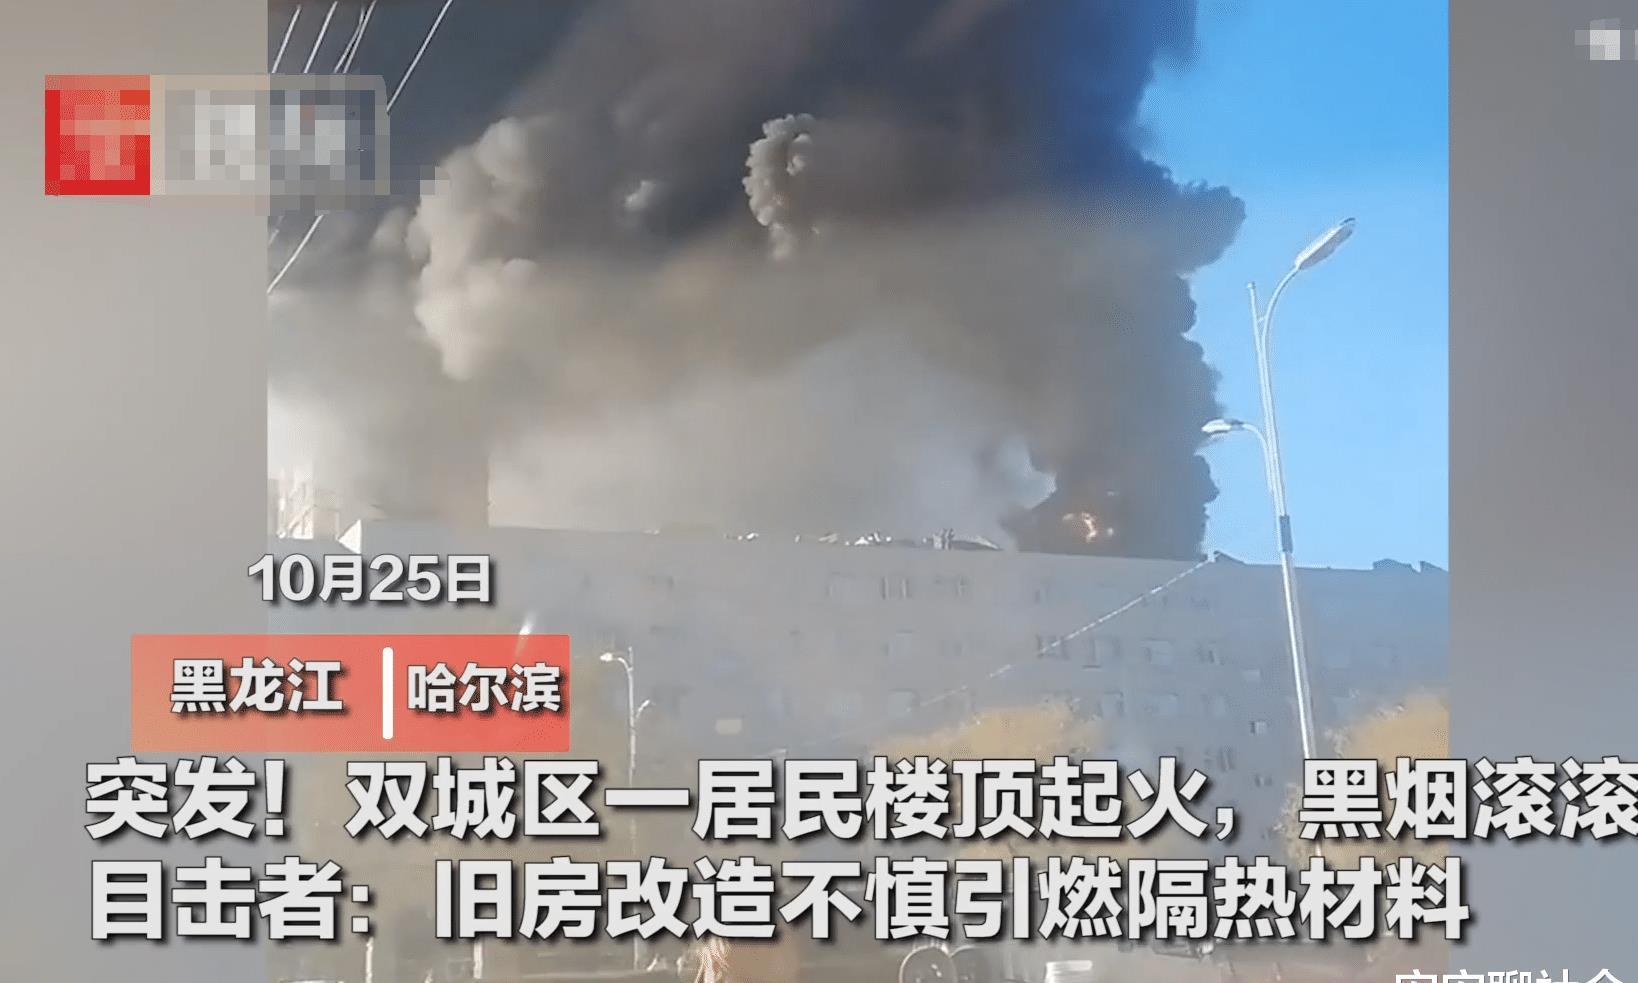 黑龙江发生一起事件,地址在哈尔滨市双城区,场面让人捏一把冷汗